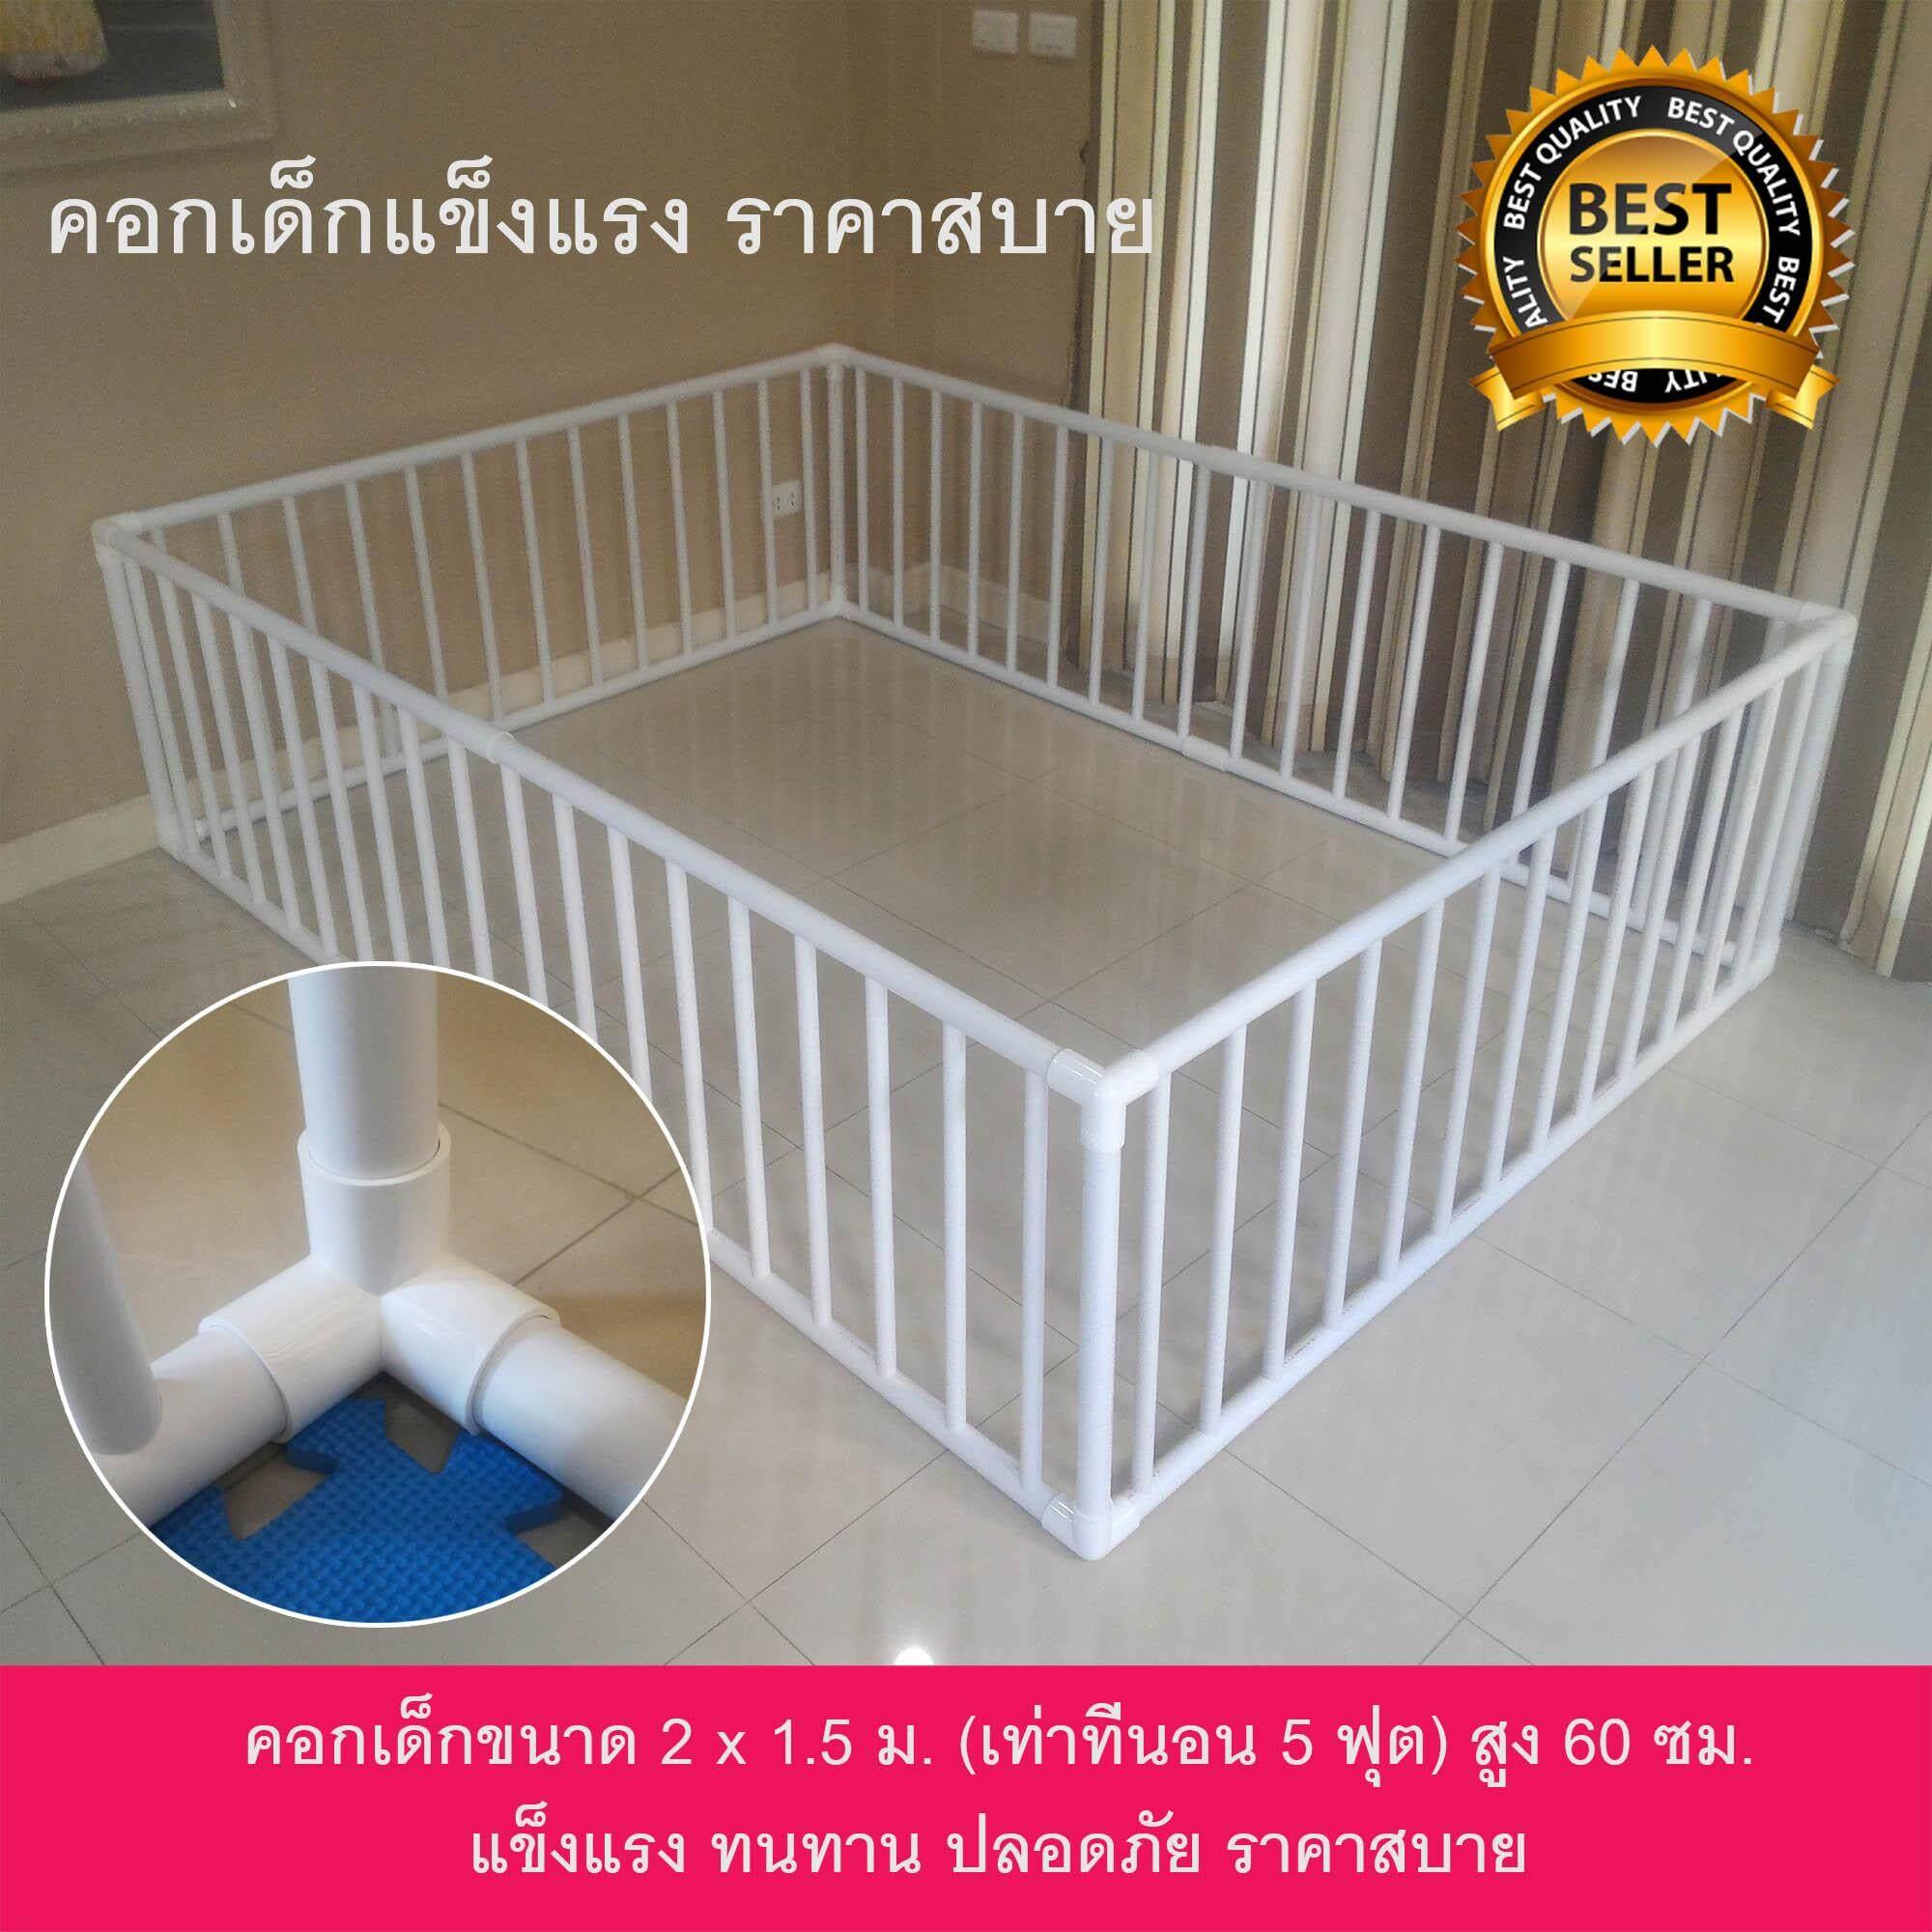 คอกกั้นเด็ก รั้วกั้นเด็ก 5ฟุต กว้าง 1.5 ม. X ยาว 2 ม. สูง 60 Cm. ผลิตจากมุมสามทางฉากอย่างหนาสีขาวที่เดียวในไทยส่งฟรีเก็บเงินปลายทาง.